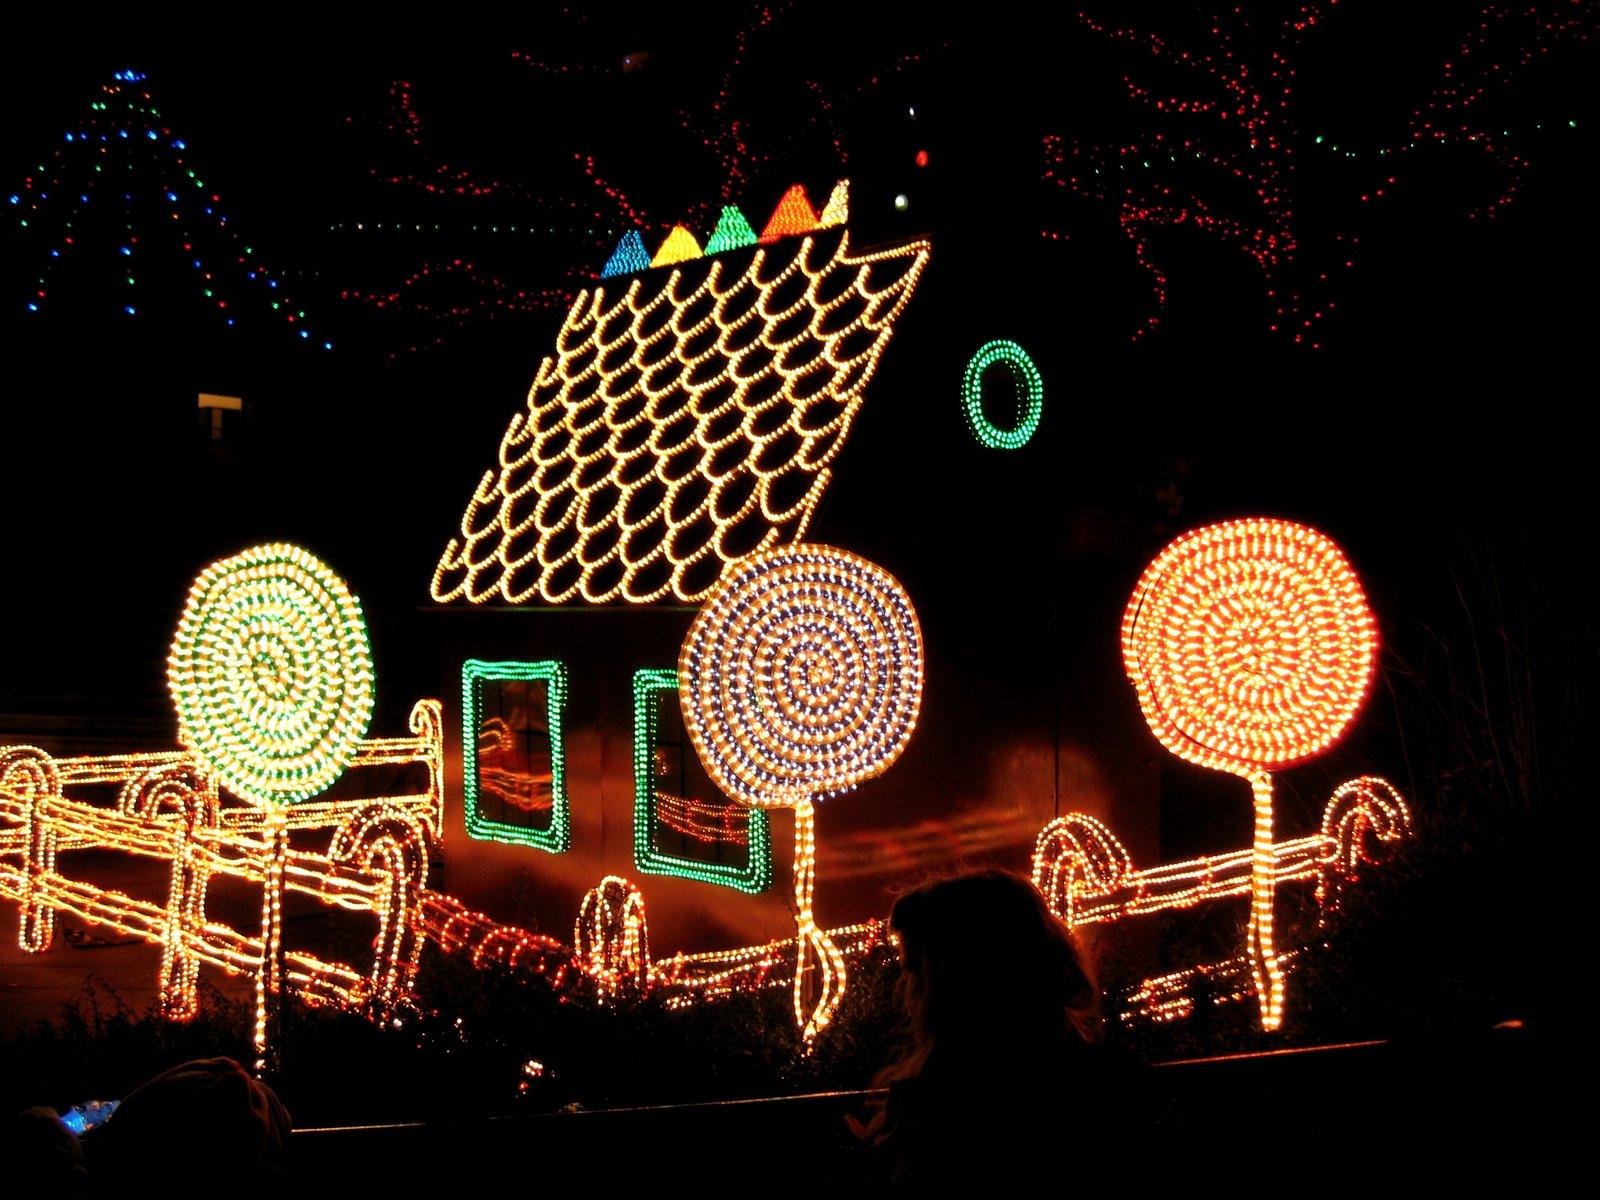 driving christmas lights tour stops - Christmas Light Tour